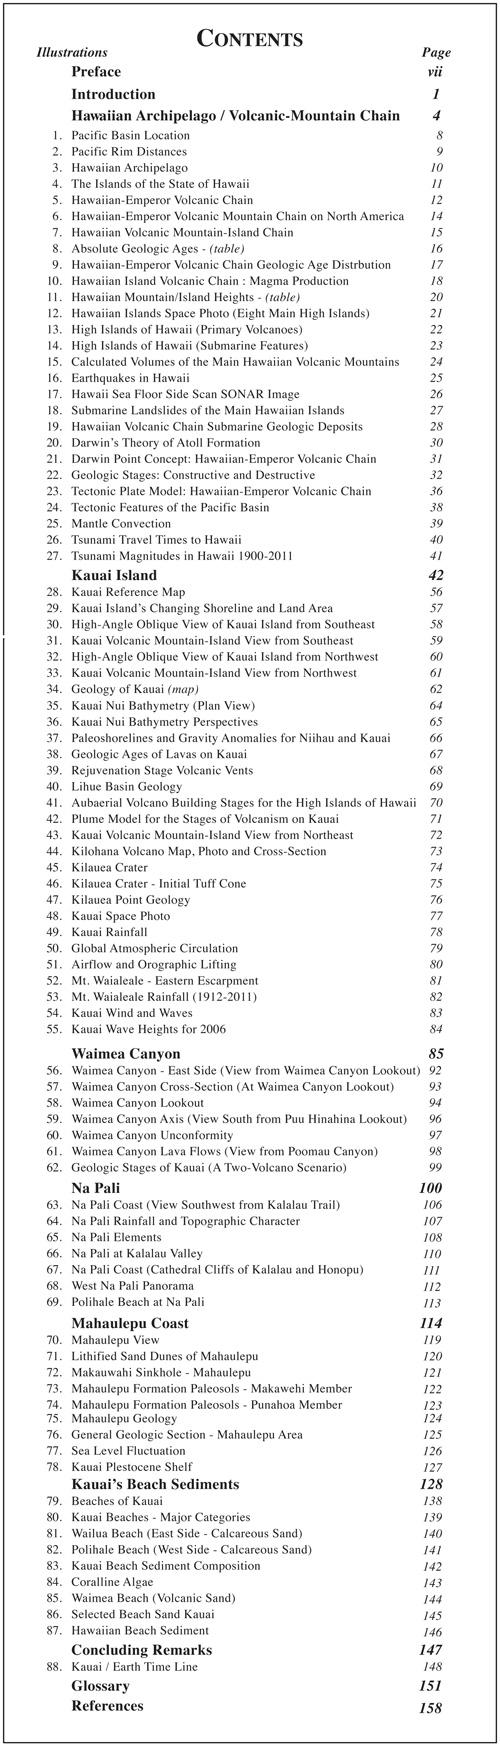 GeoBook-Contents